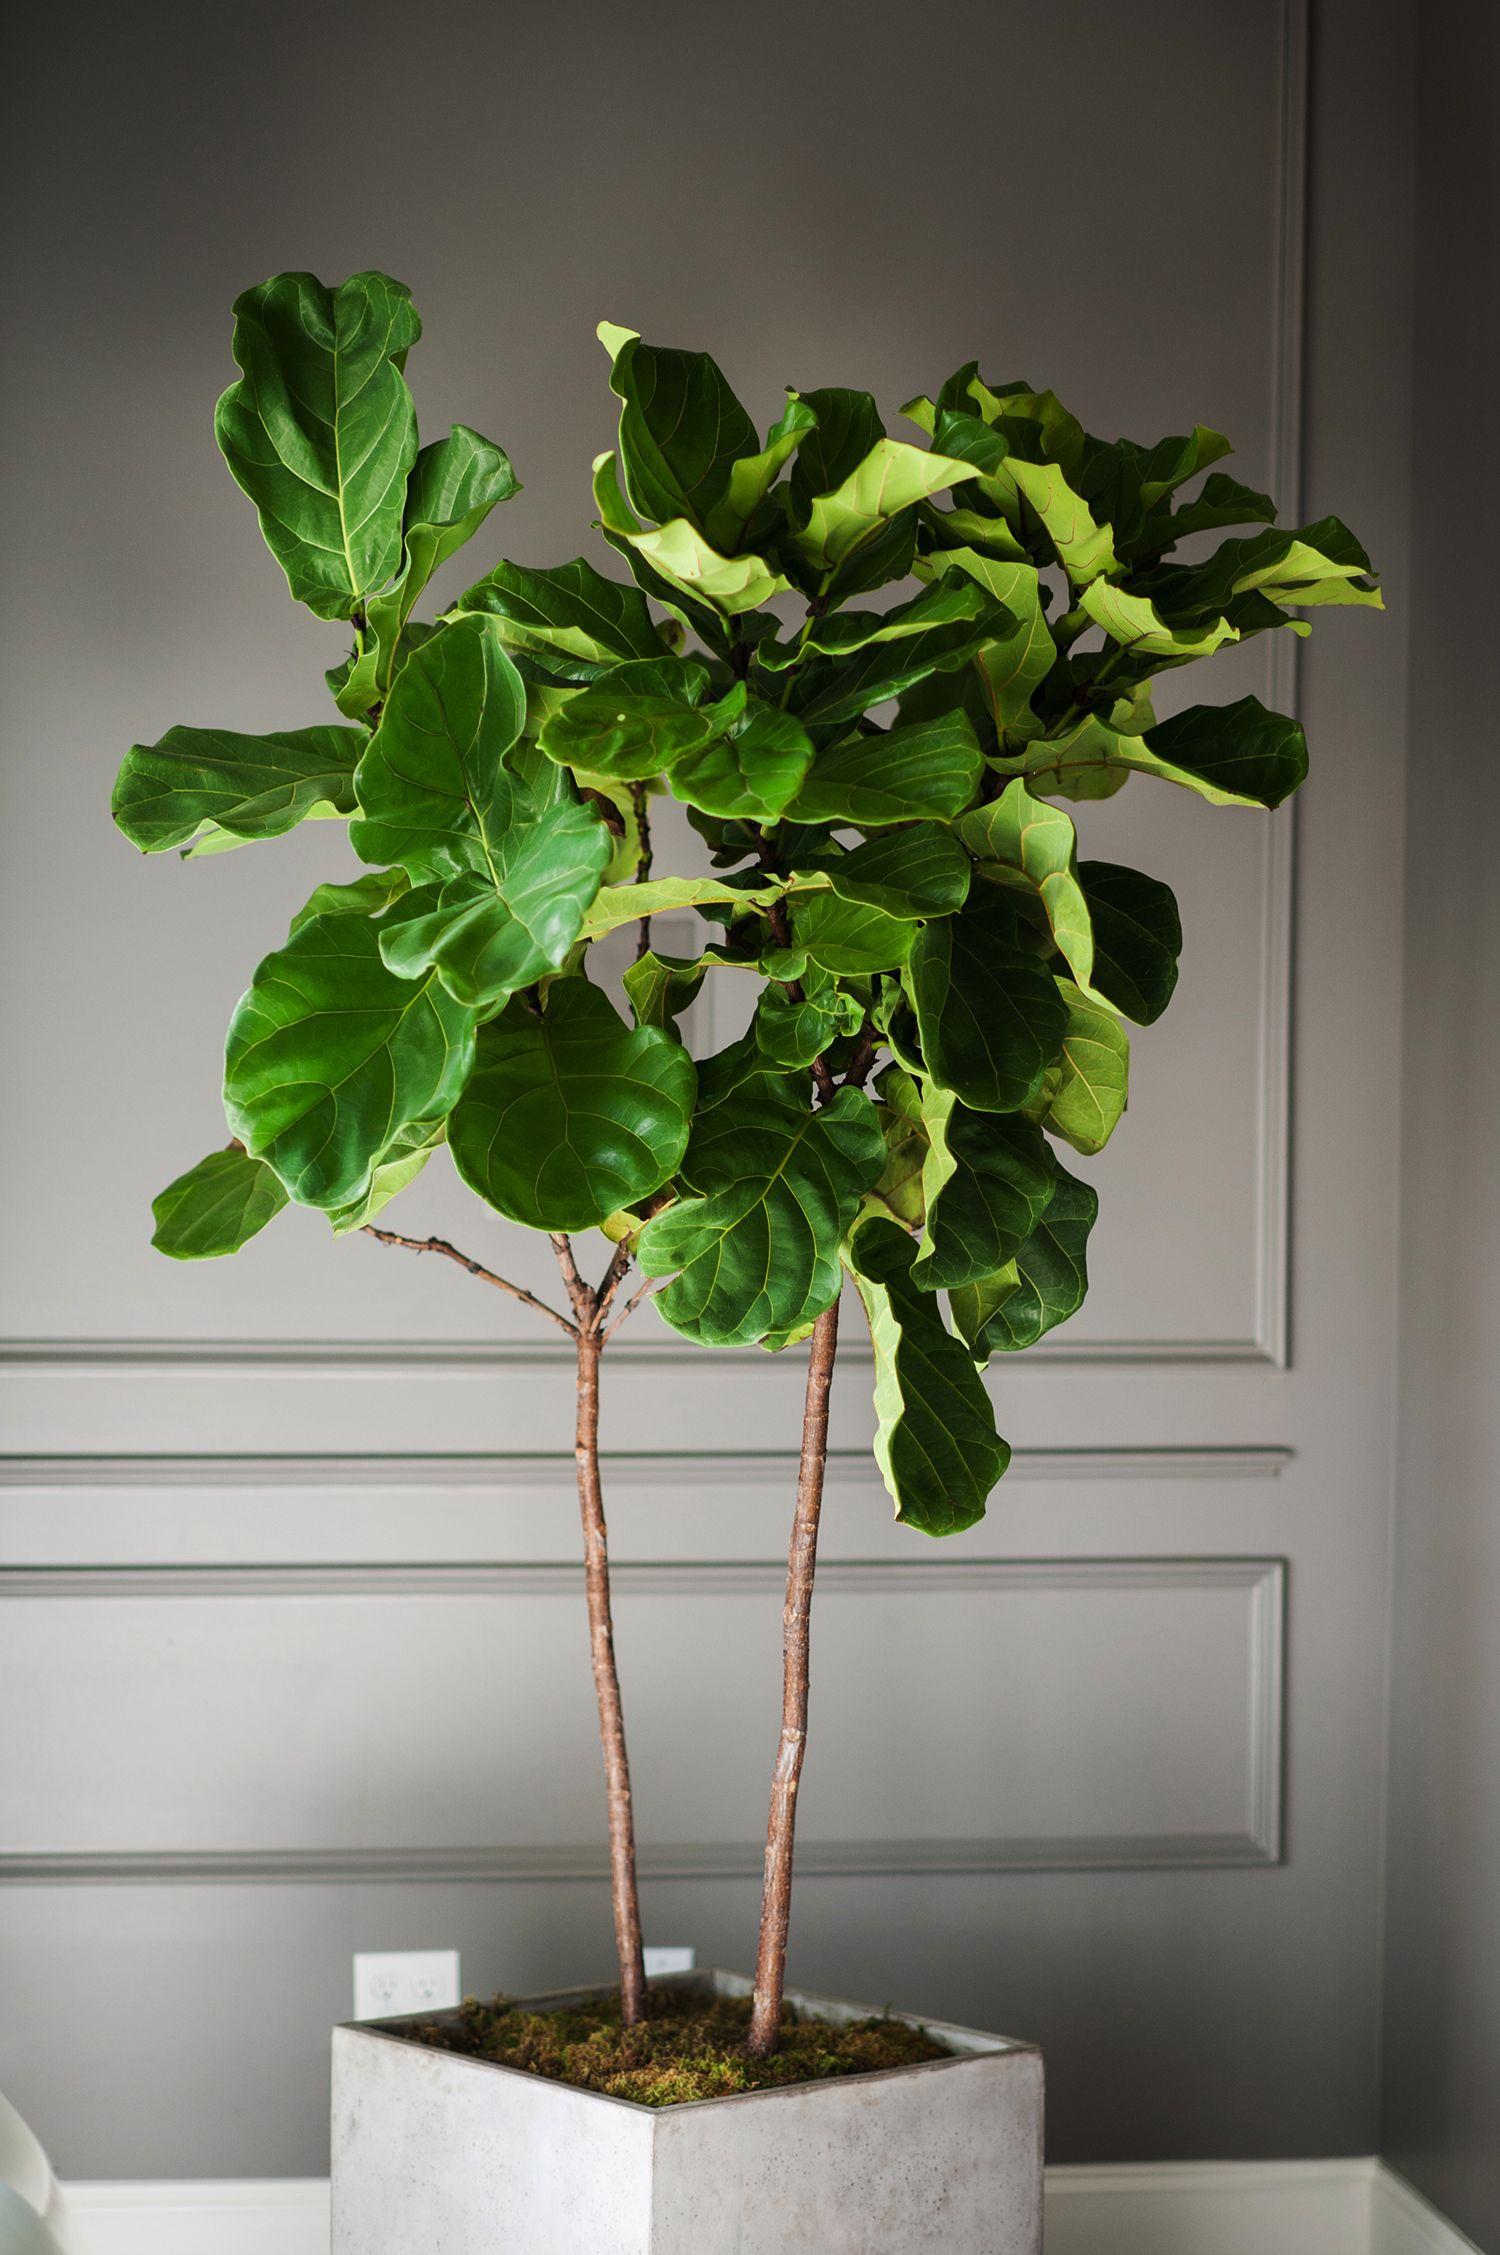 Pianta Artificiale Ficus Da Interno Grande  surabaya 2022